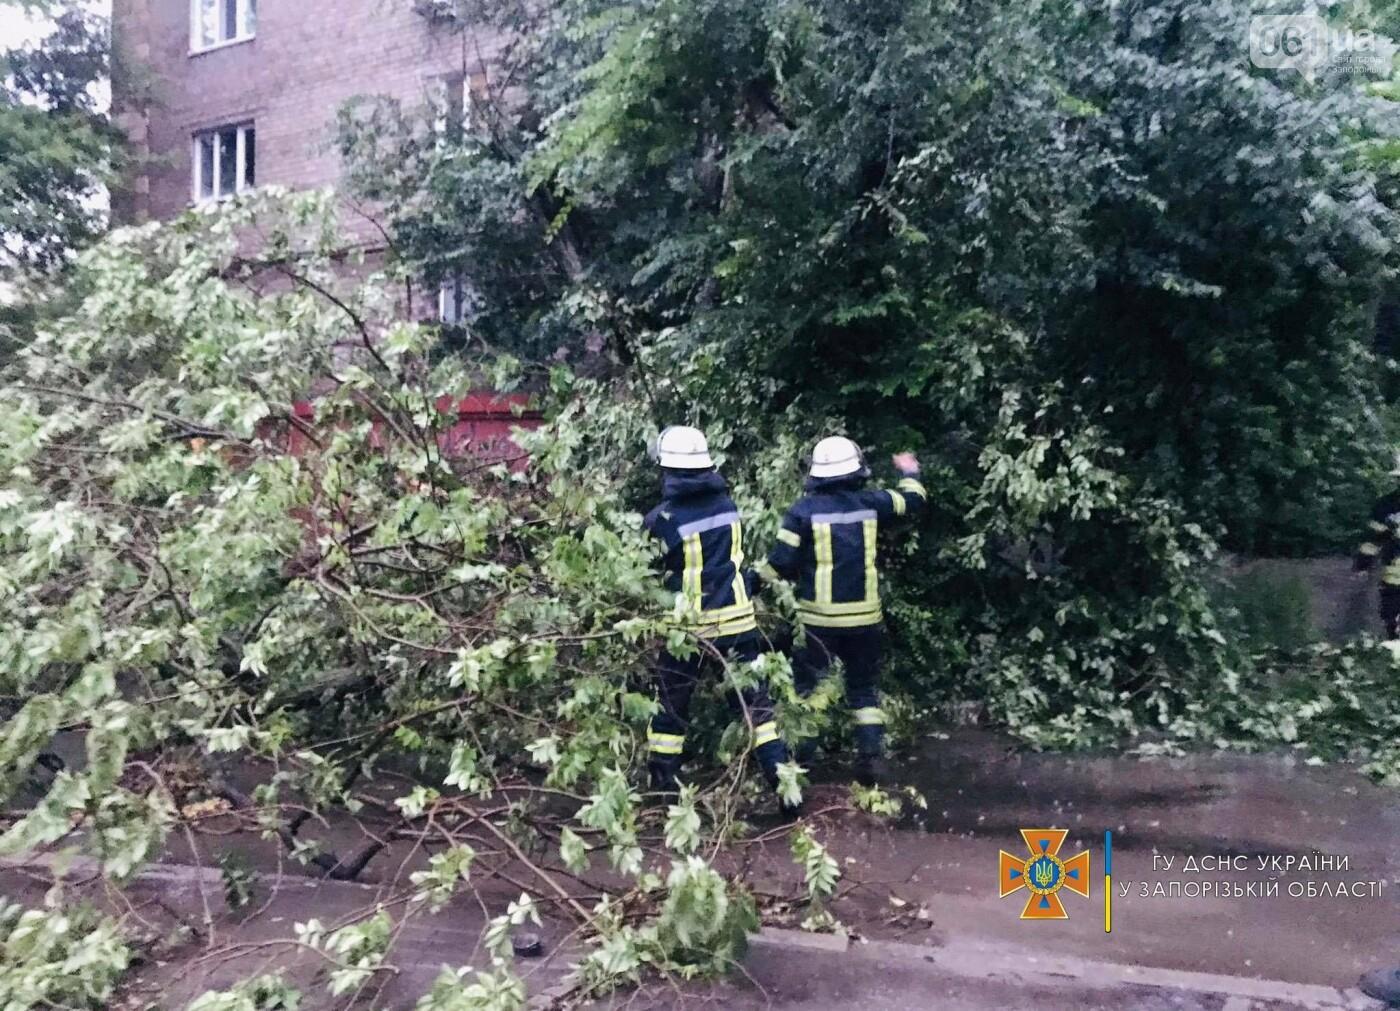 2060189362738491944986402666108503616981085nresult 60ed324f0a9da - Непогода в Запорожской области: поваленные деревья и подтопленный дом